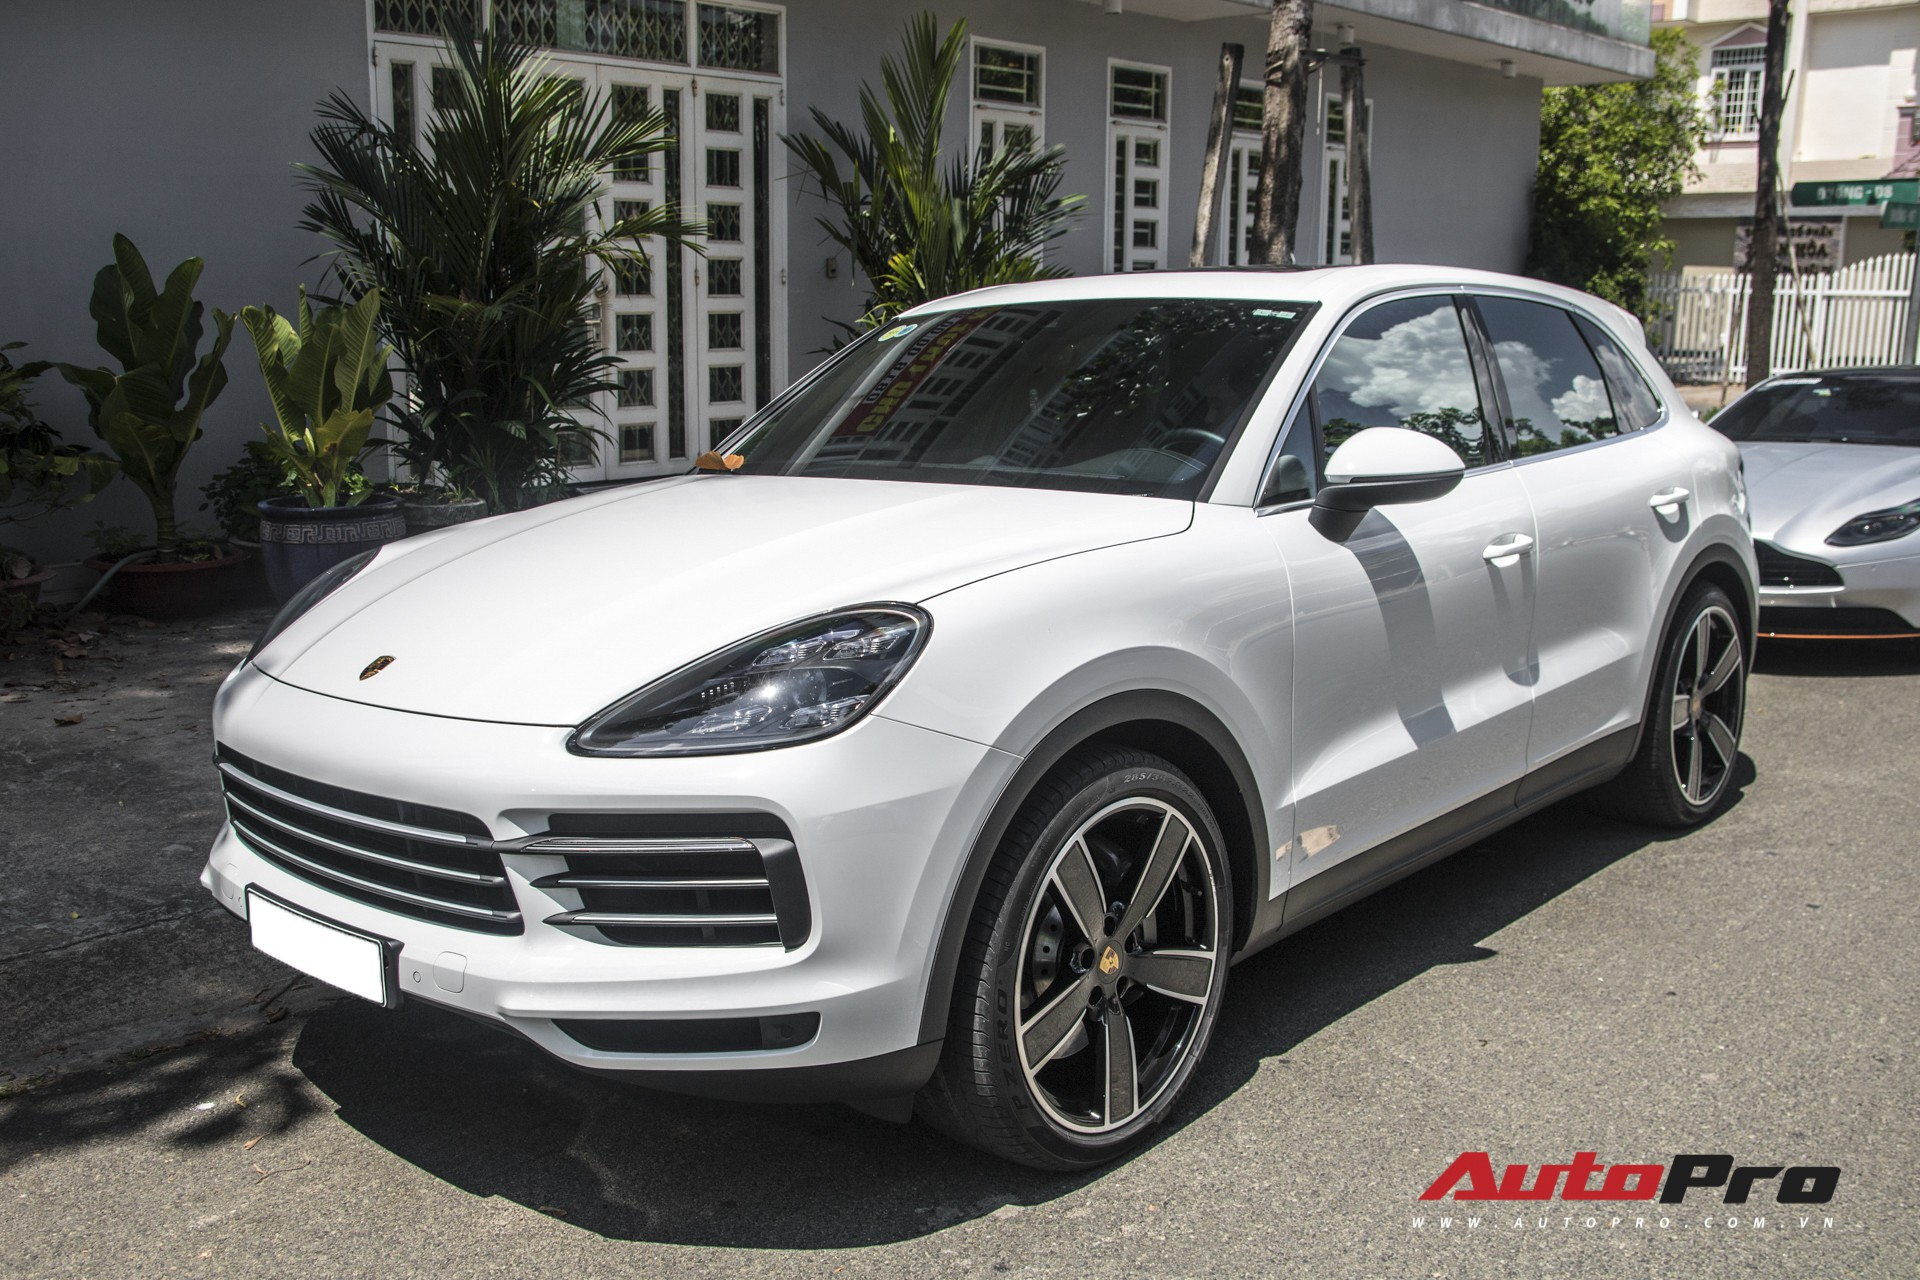 Cường Đô-la, Đàm Thu Trang mạnh tay chi hơn 7 tỷ đồng tậu Porsche Cayenne S thế hệ mới - Ảnh 3.